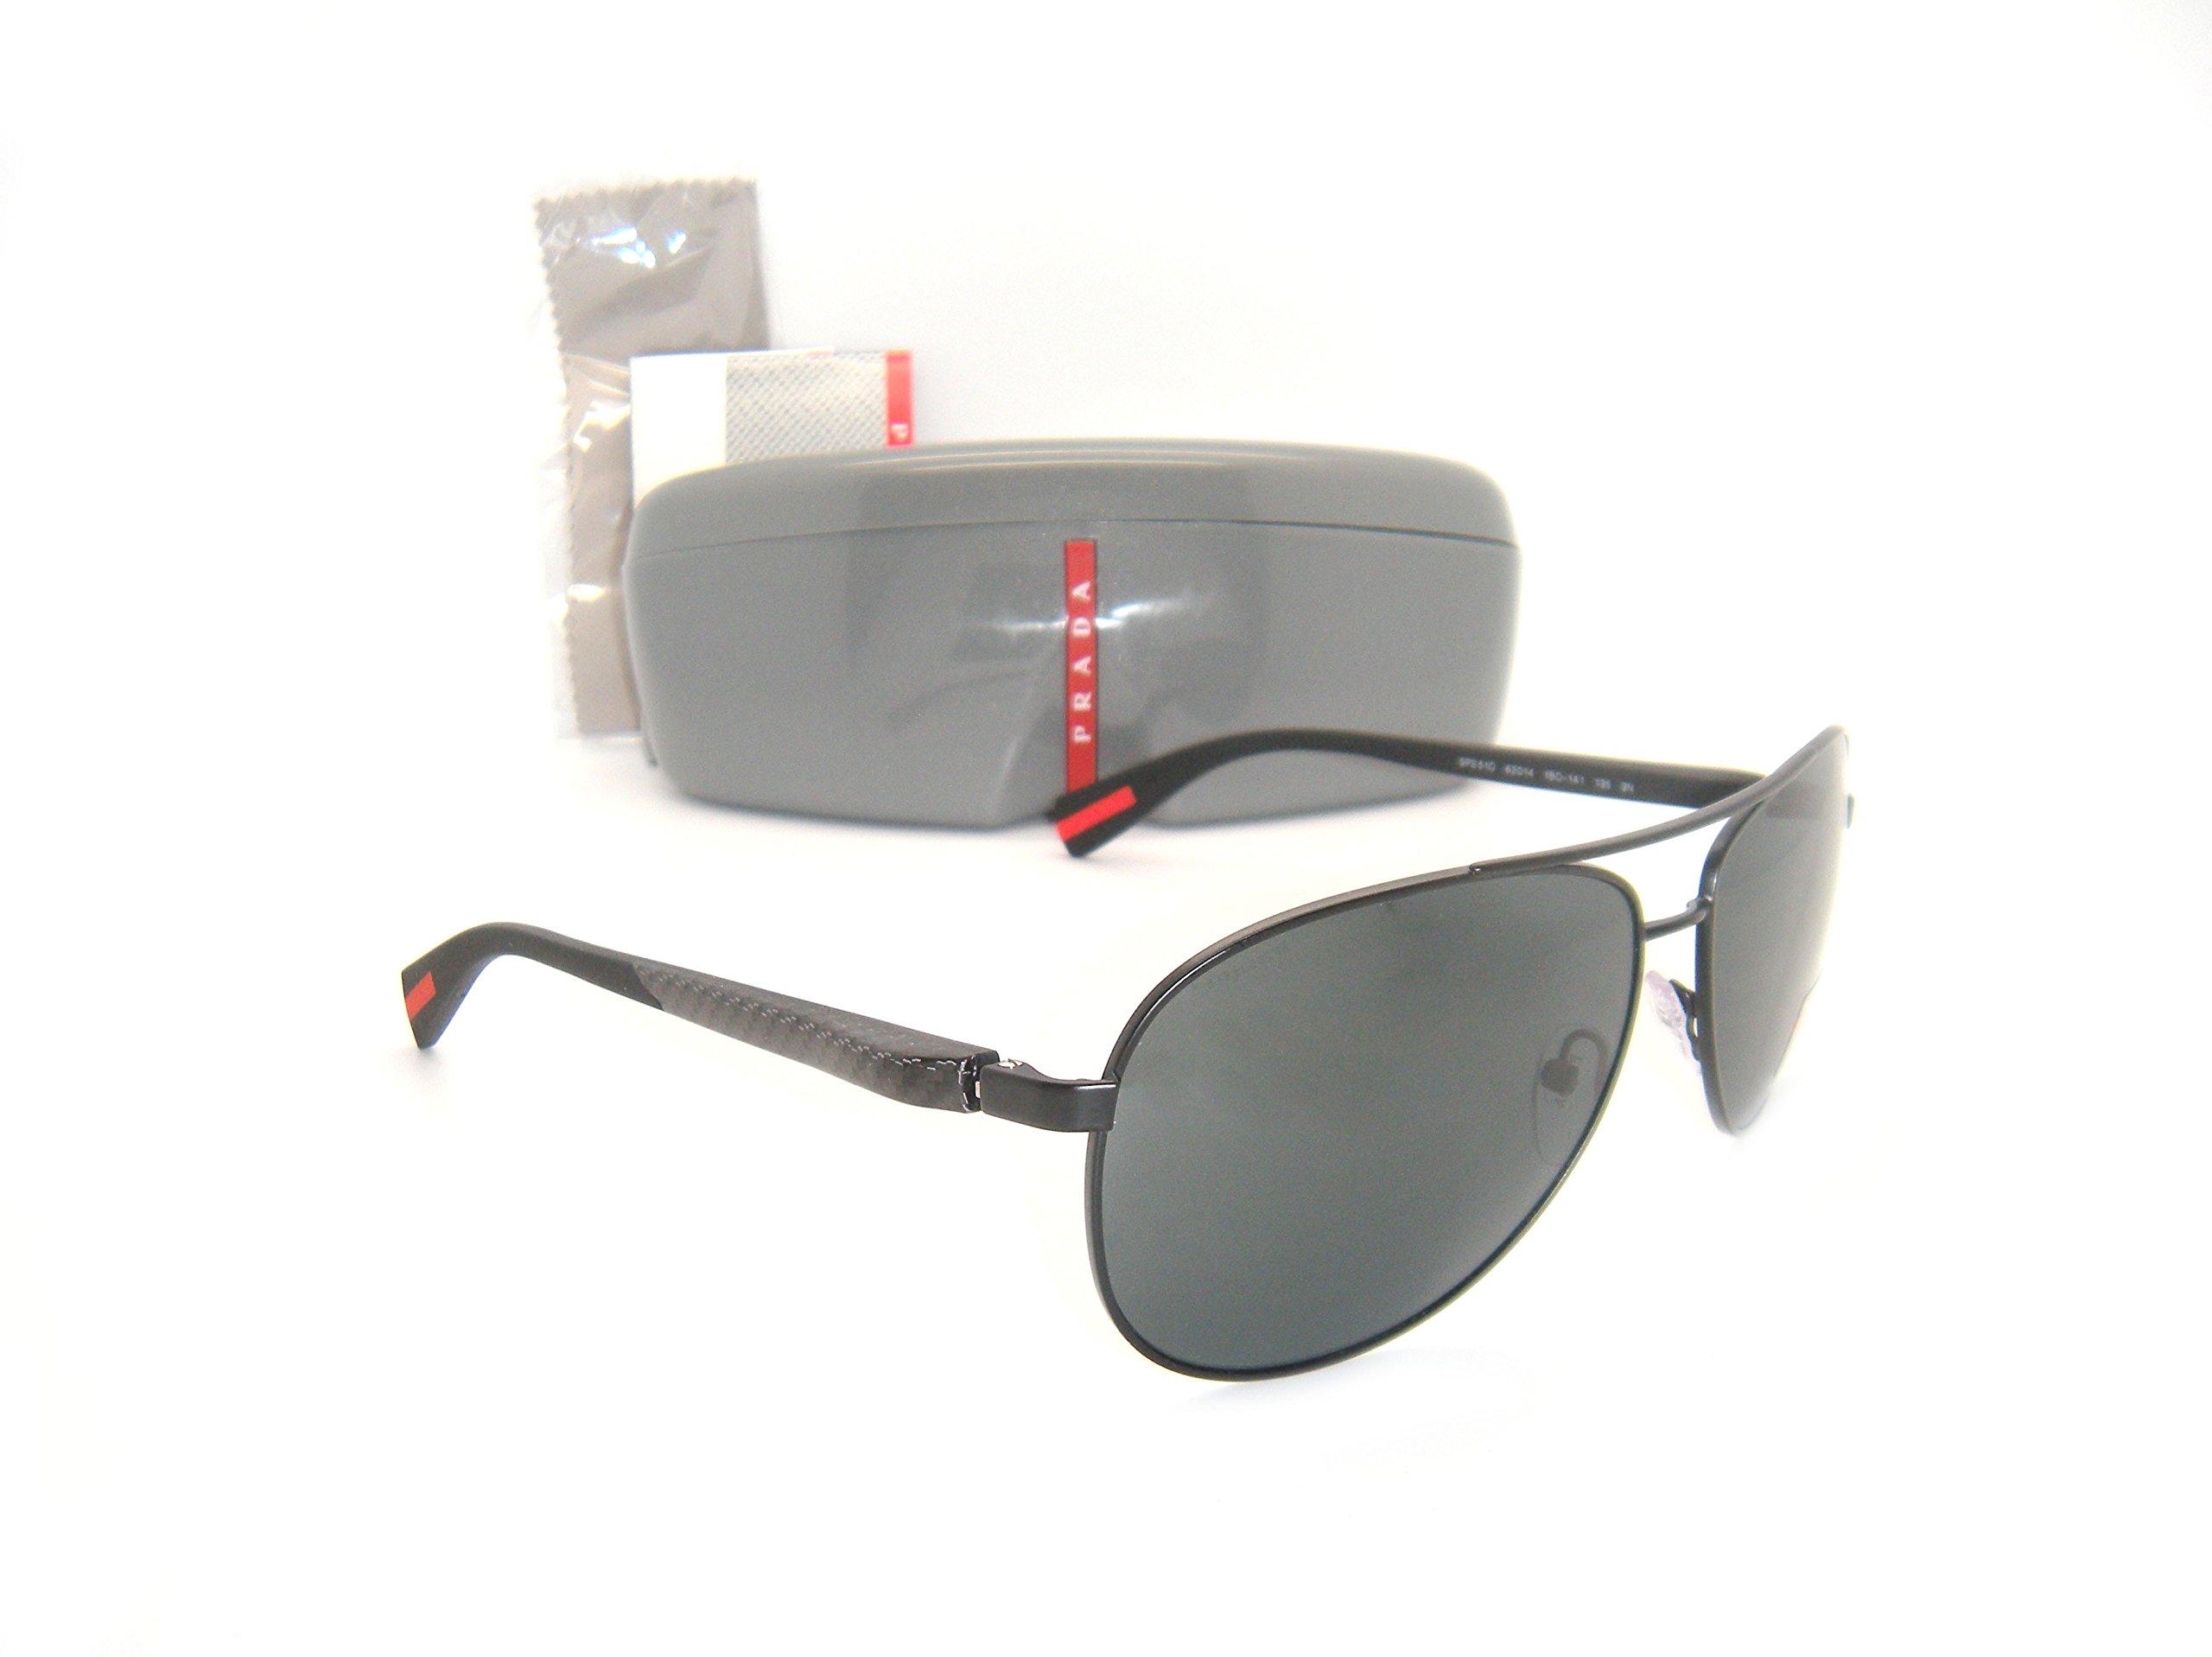 New Prada Sunglasses OPS 51OS 1BO1A1 62mm Black Demi Shiny Frame / Gray Lens by Prada